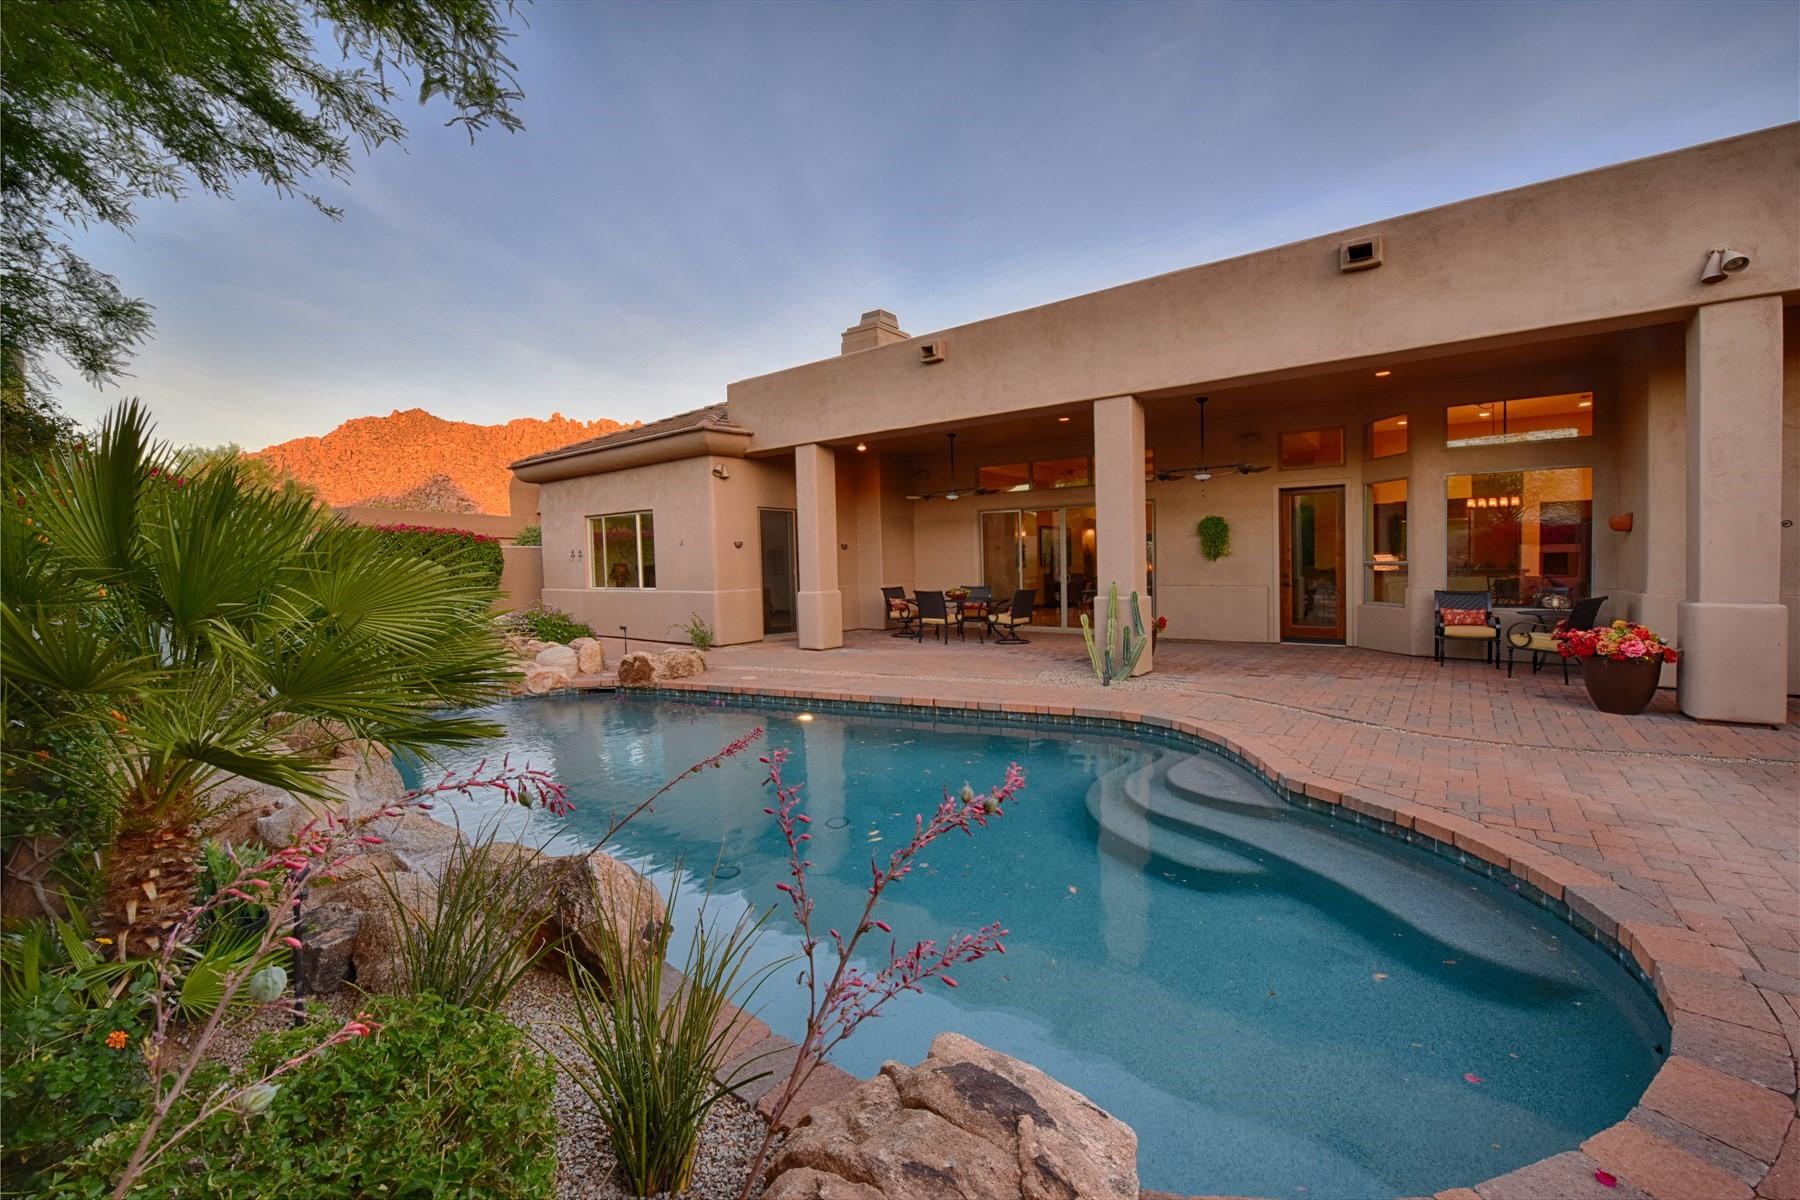 Casa Unifamiliar por un Venta en Gated Troon Fairways Home 26153 N 104th Pl Scottsdale, Arizona, 85255 Estados Unidos